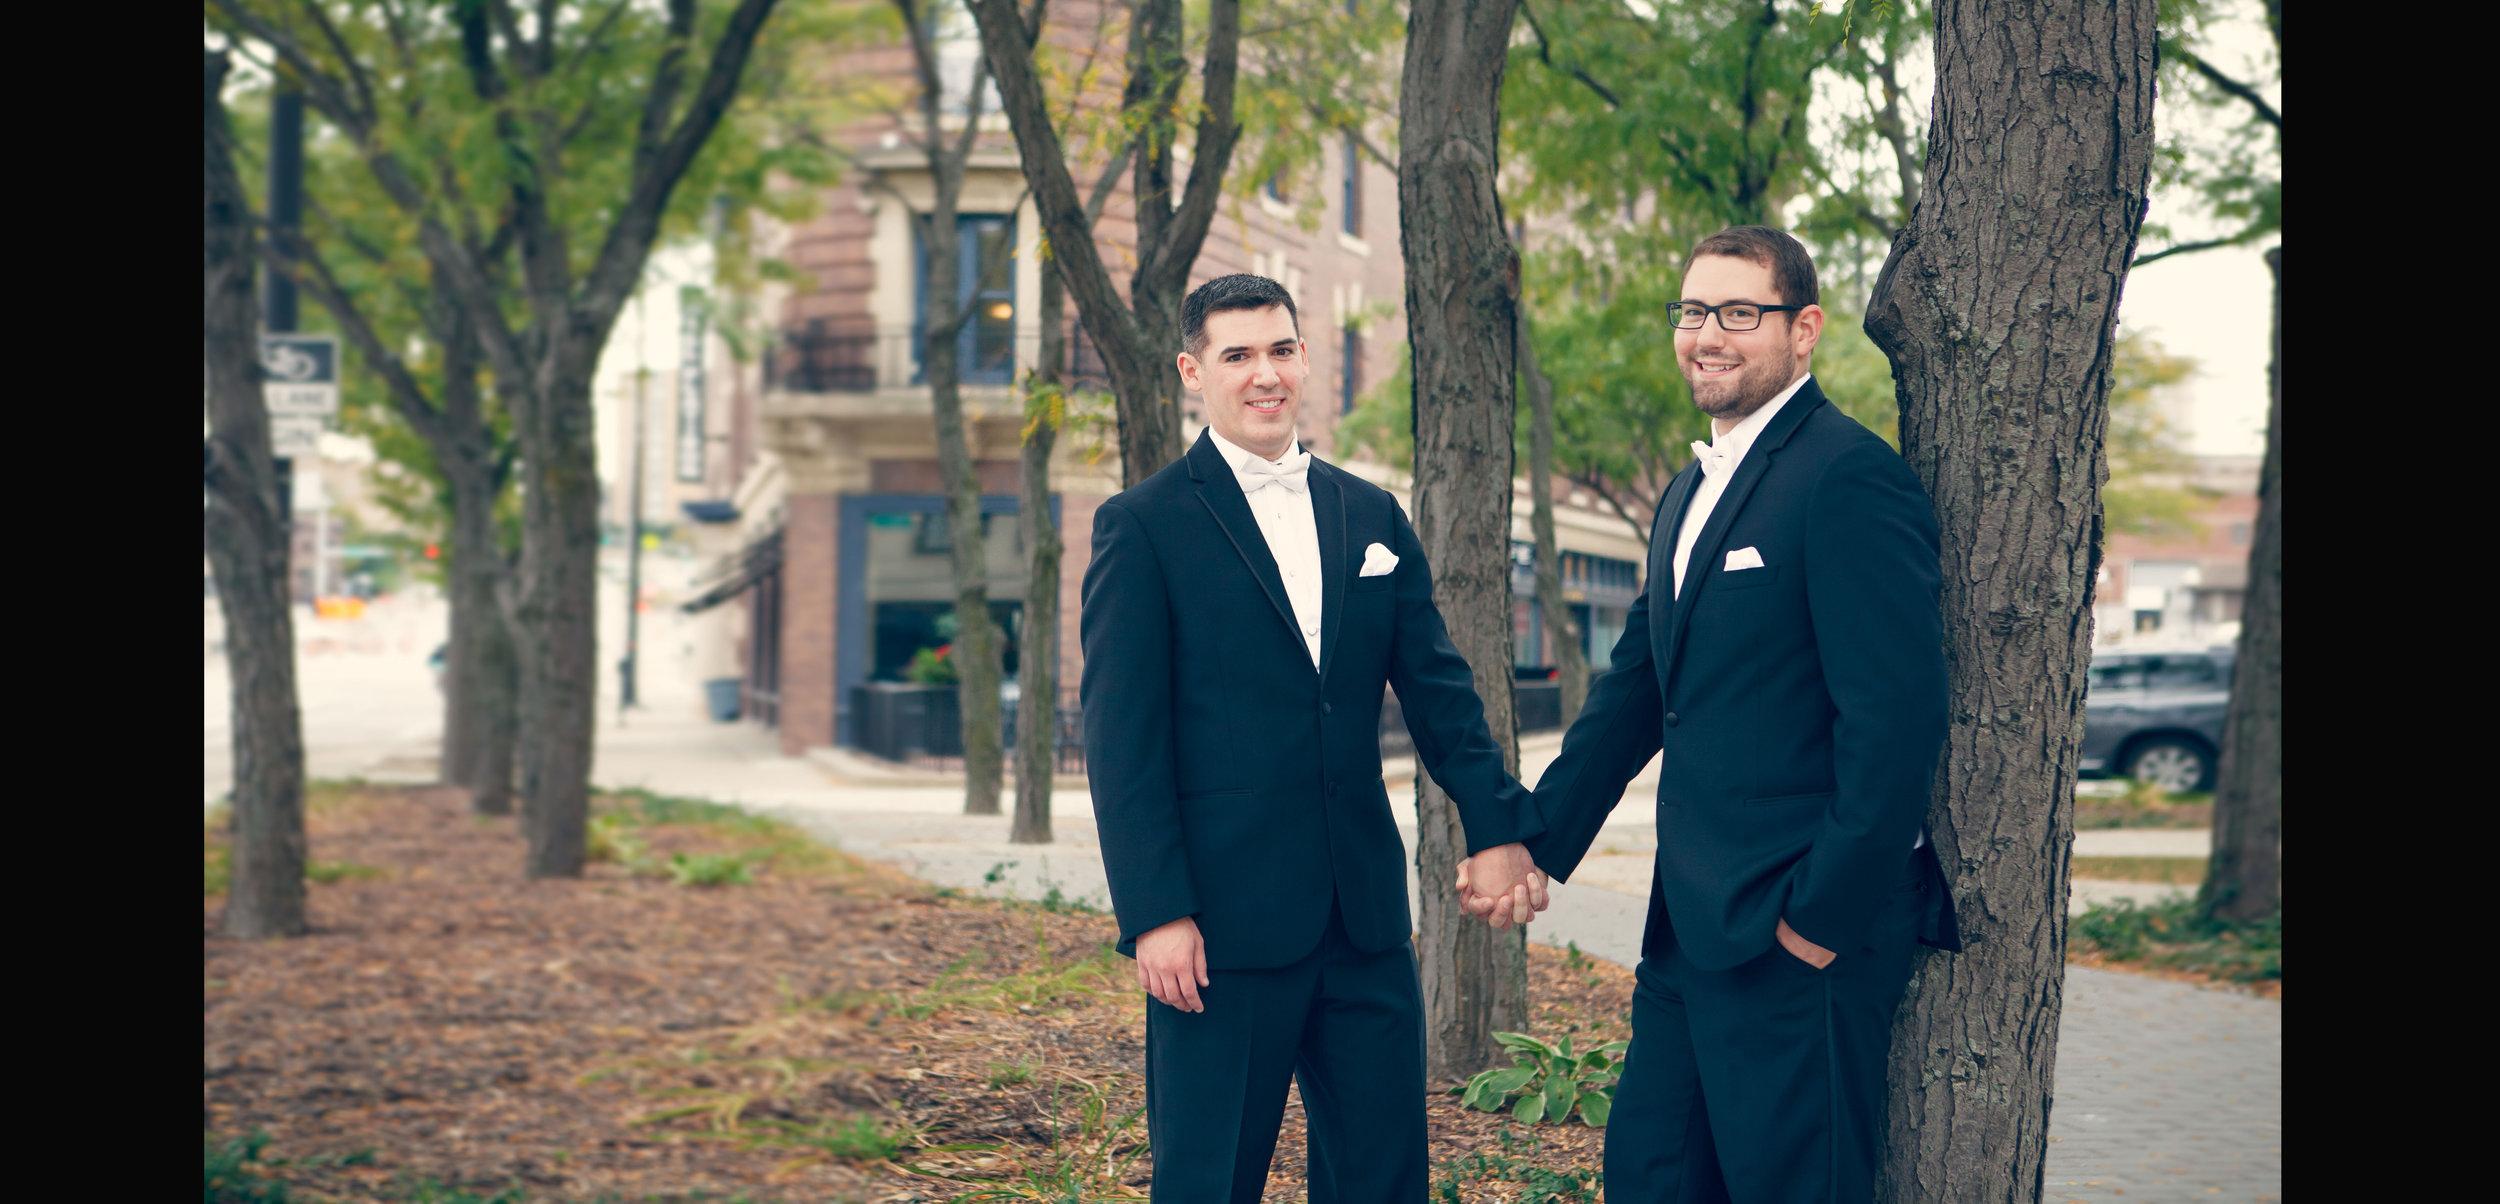 Stephen & Derek Wedding -121.jpg